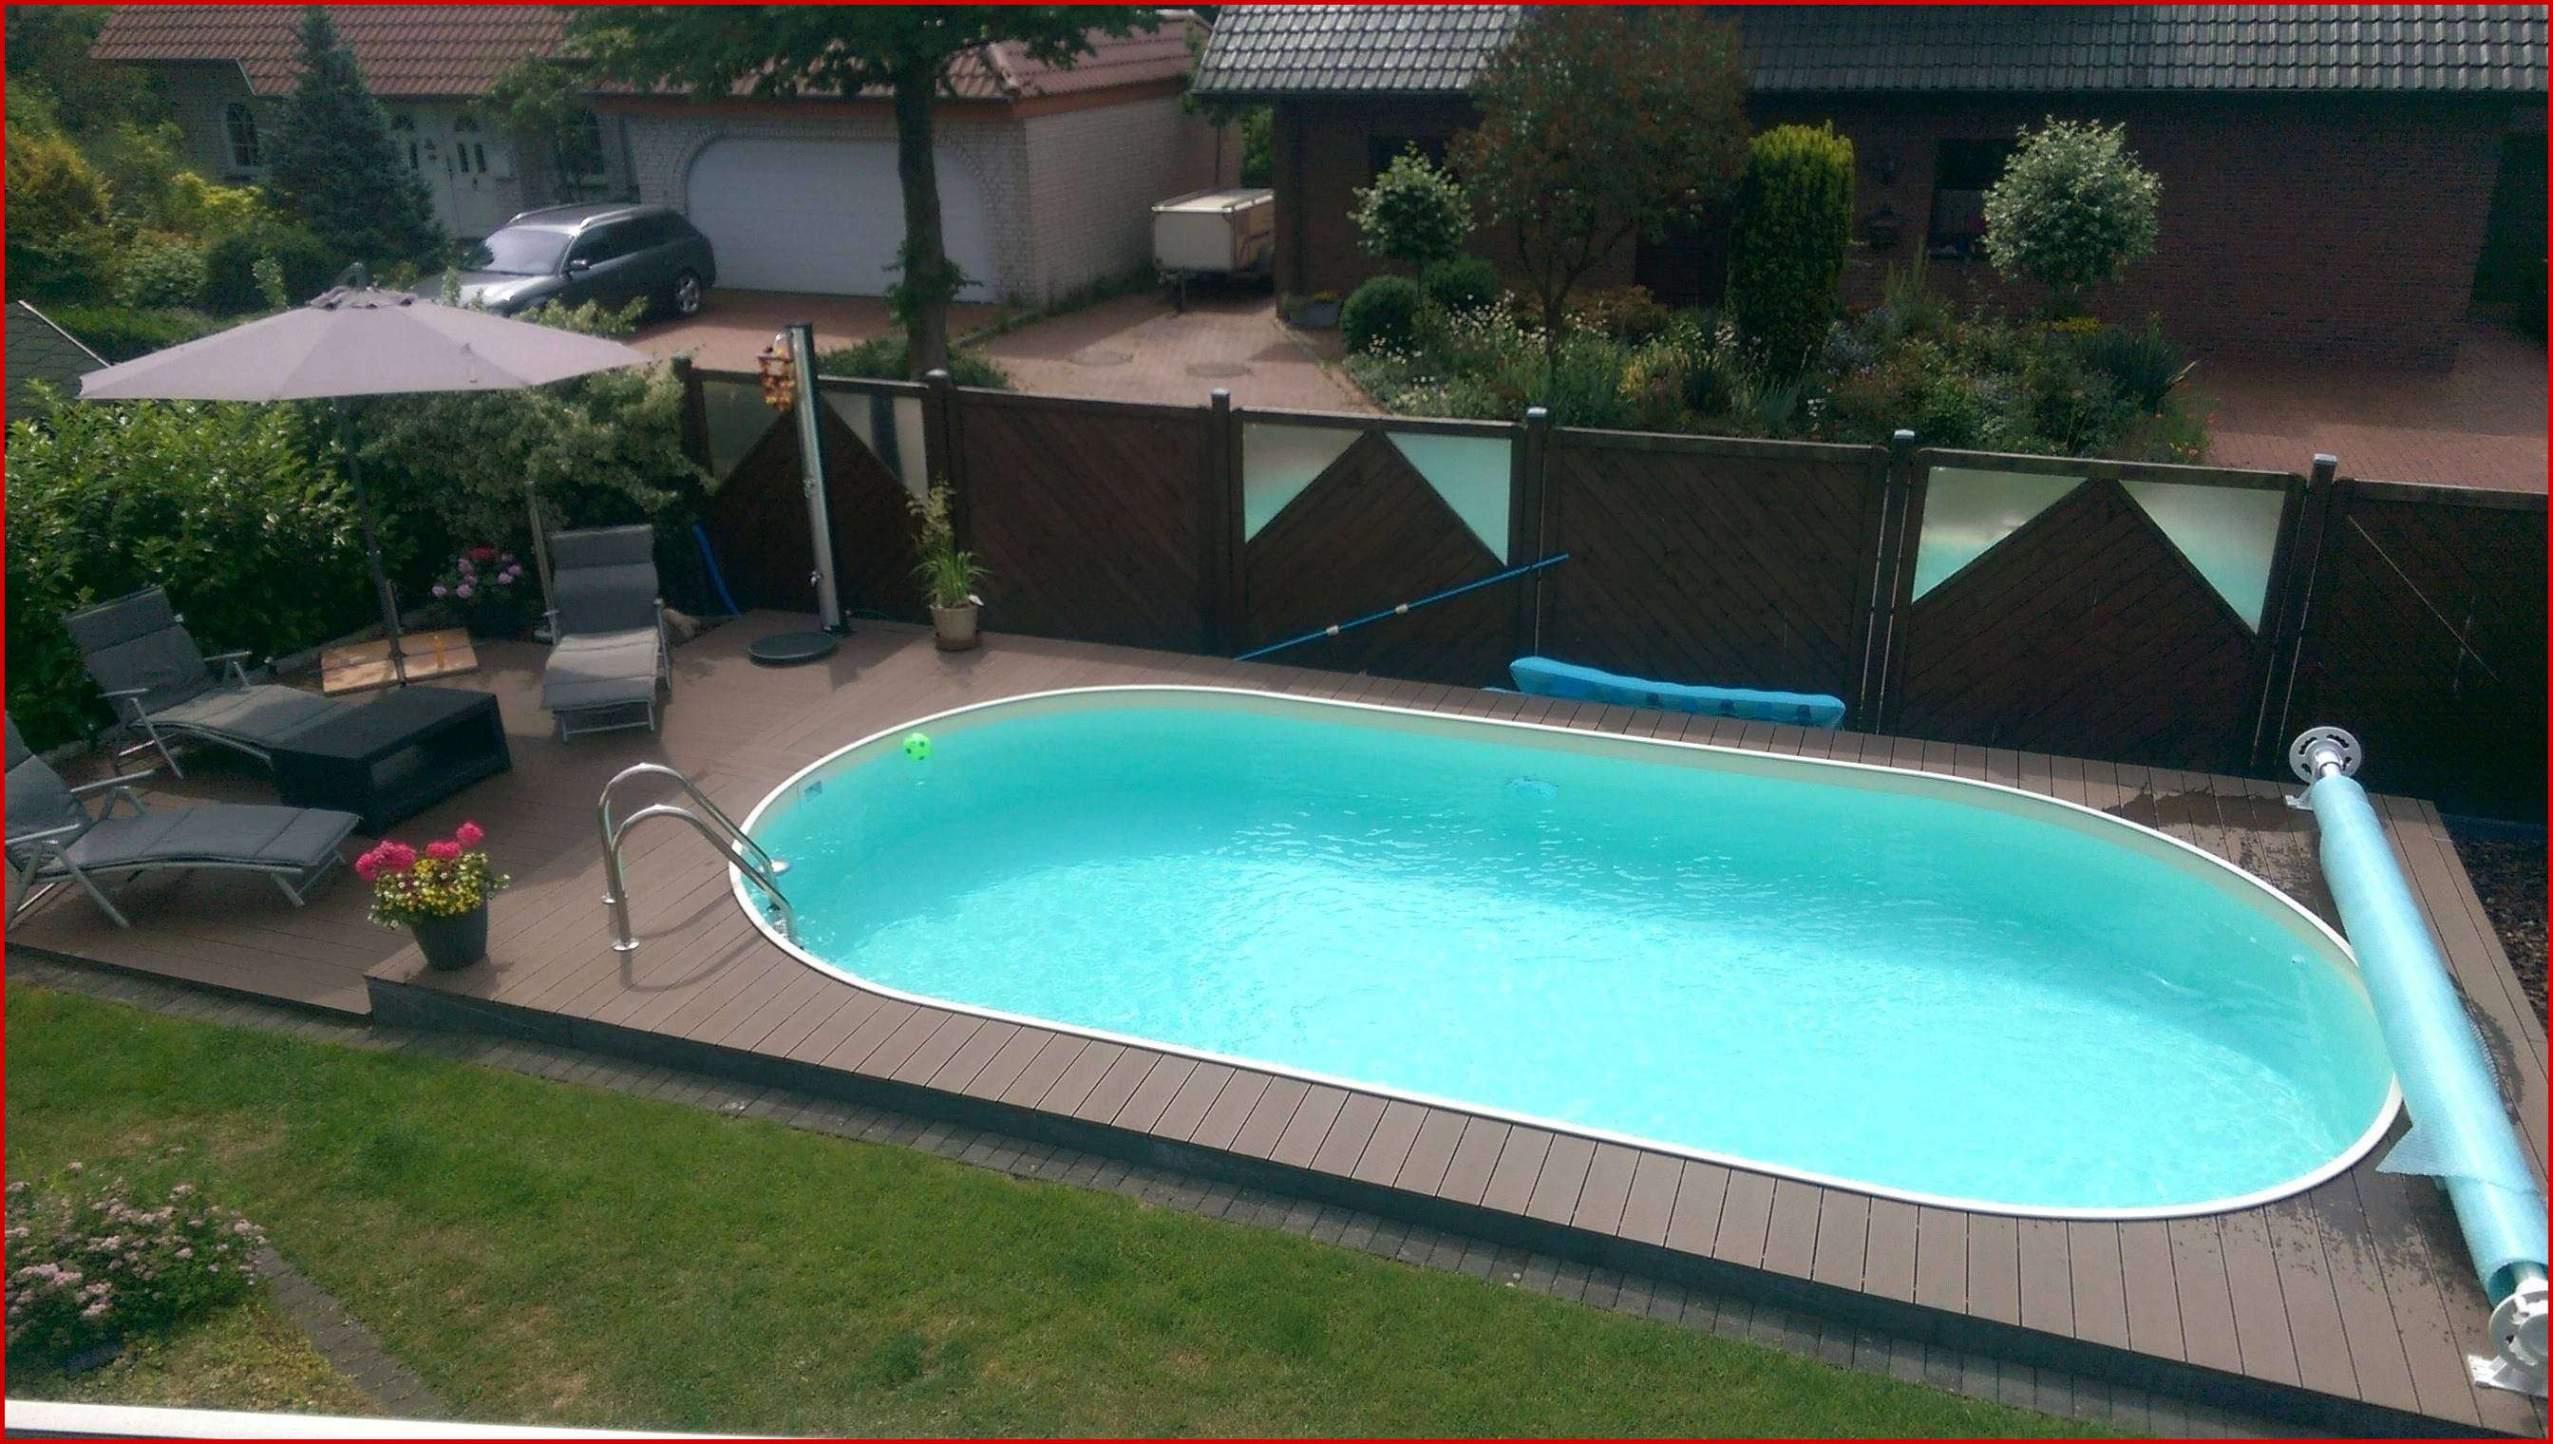 Schwimmingpools Für Den Garten Reizend Kleine Pools Für Kleine Gärten — Temobardz Home Blog